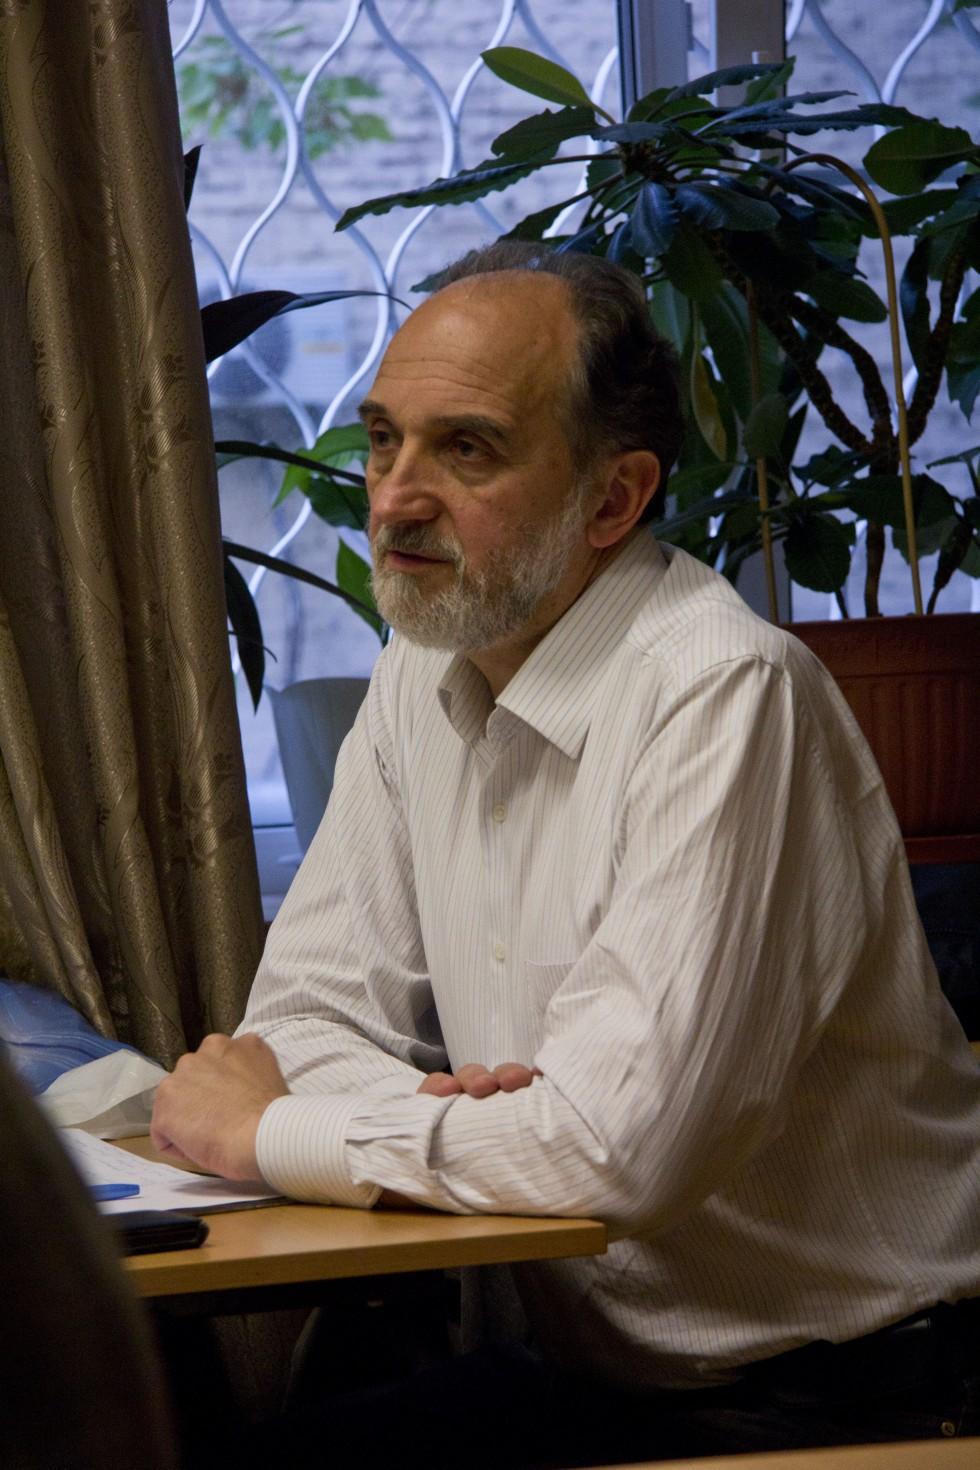 Александр Михайлович Копировский, кандидат педагогических наук, профессор кафедры философии, гуманитарных и естественнонаучных дисциплин СФИ